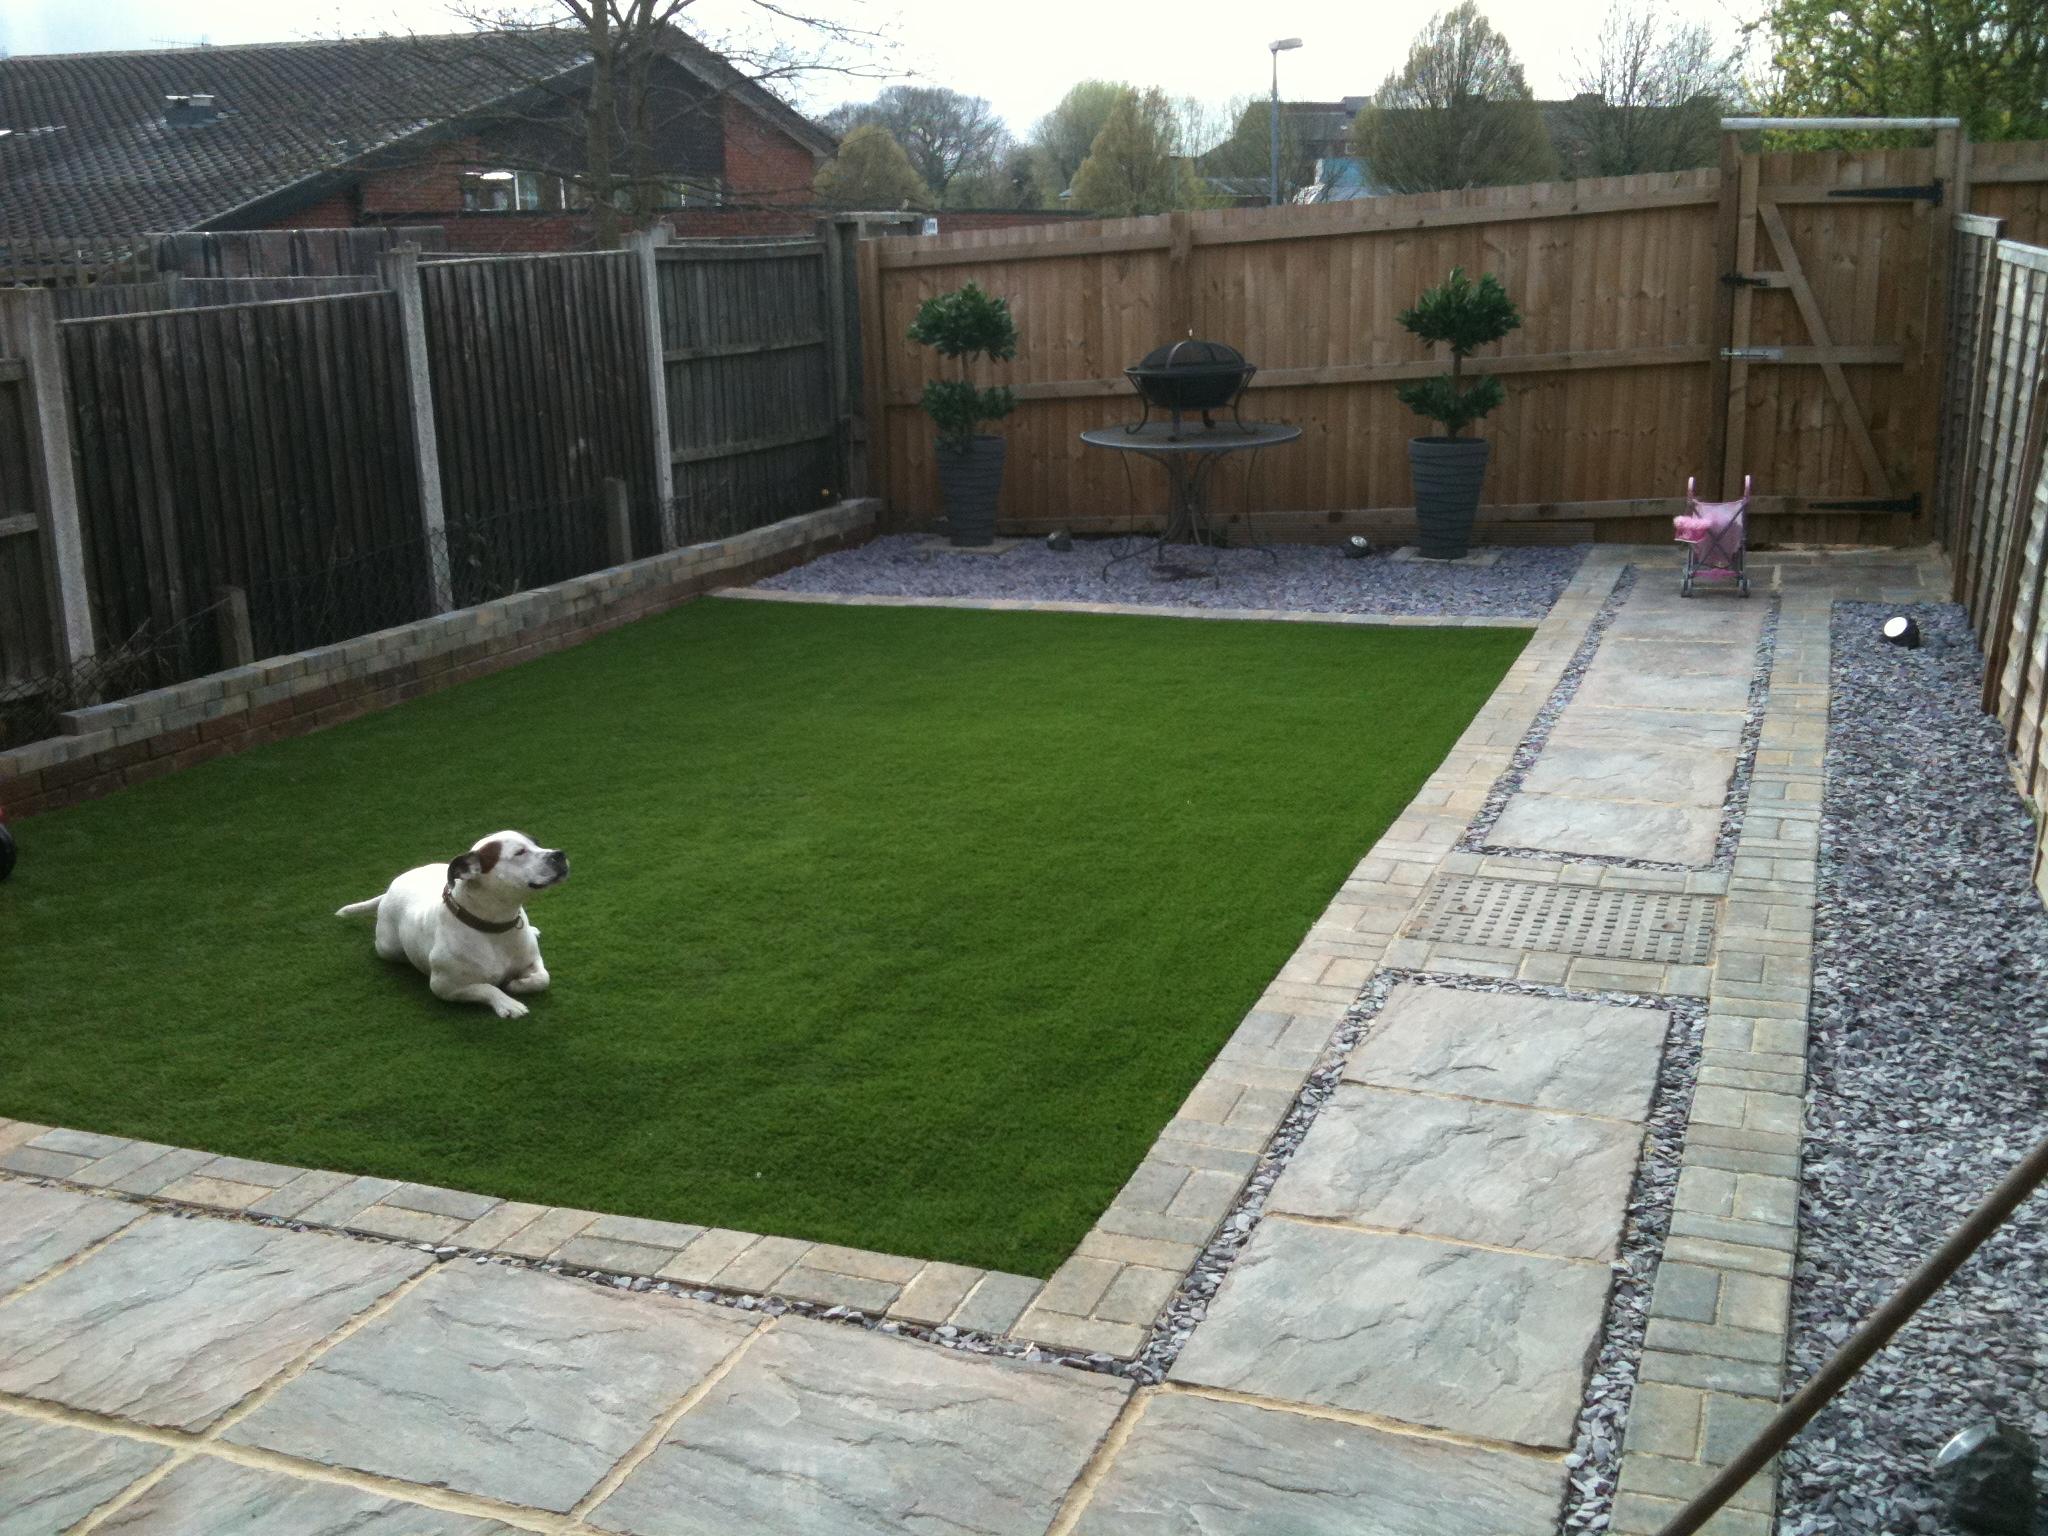 artificial grass cost breakdown in lincolnshire